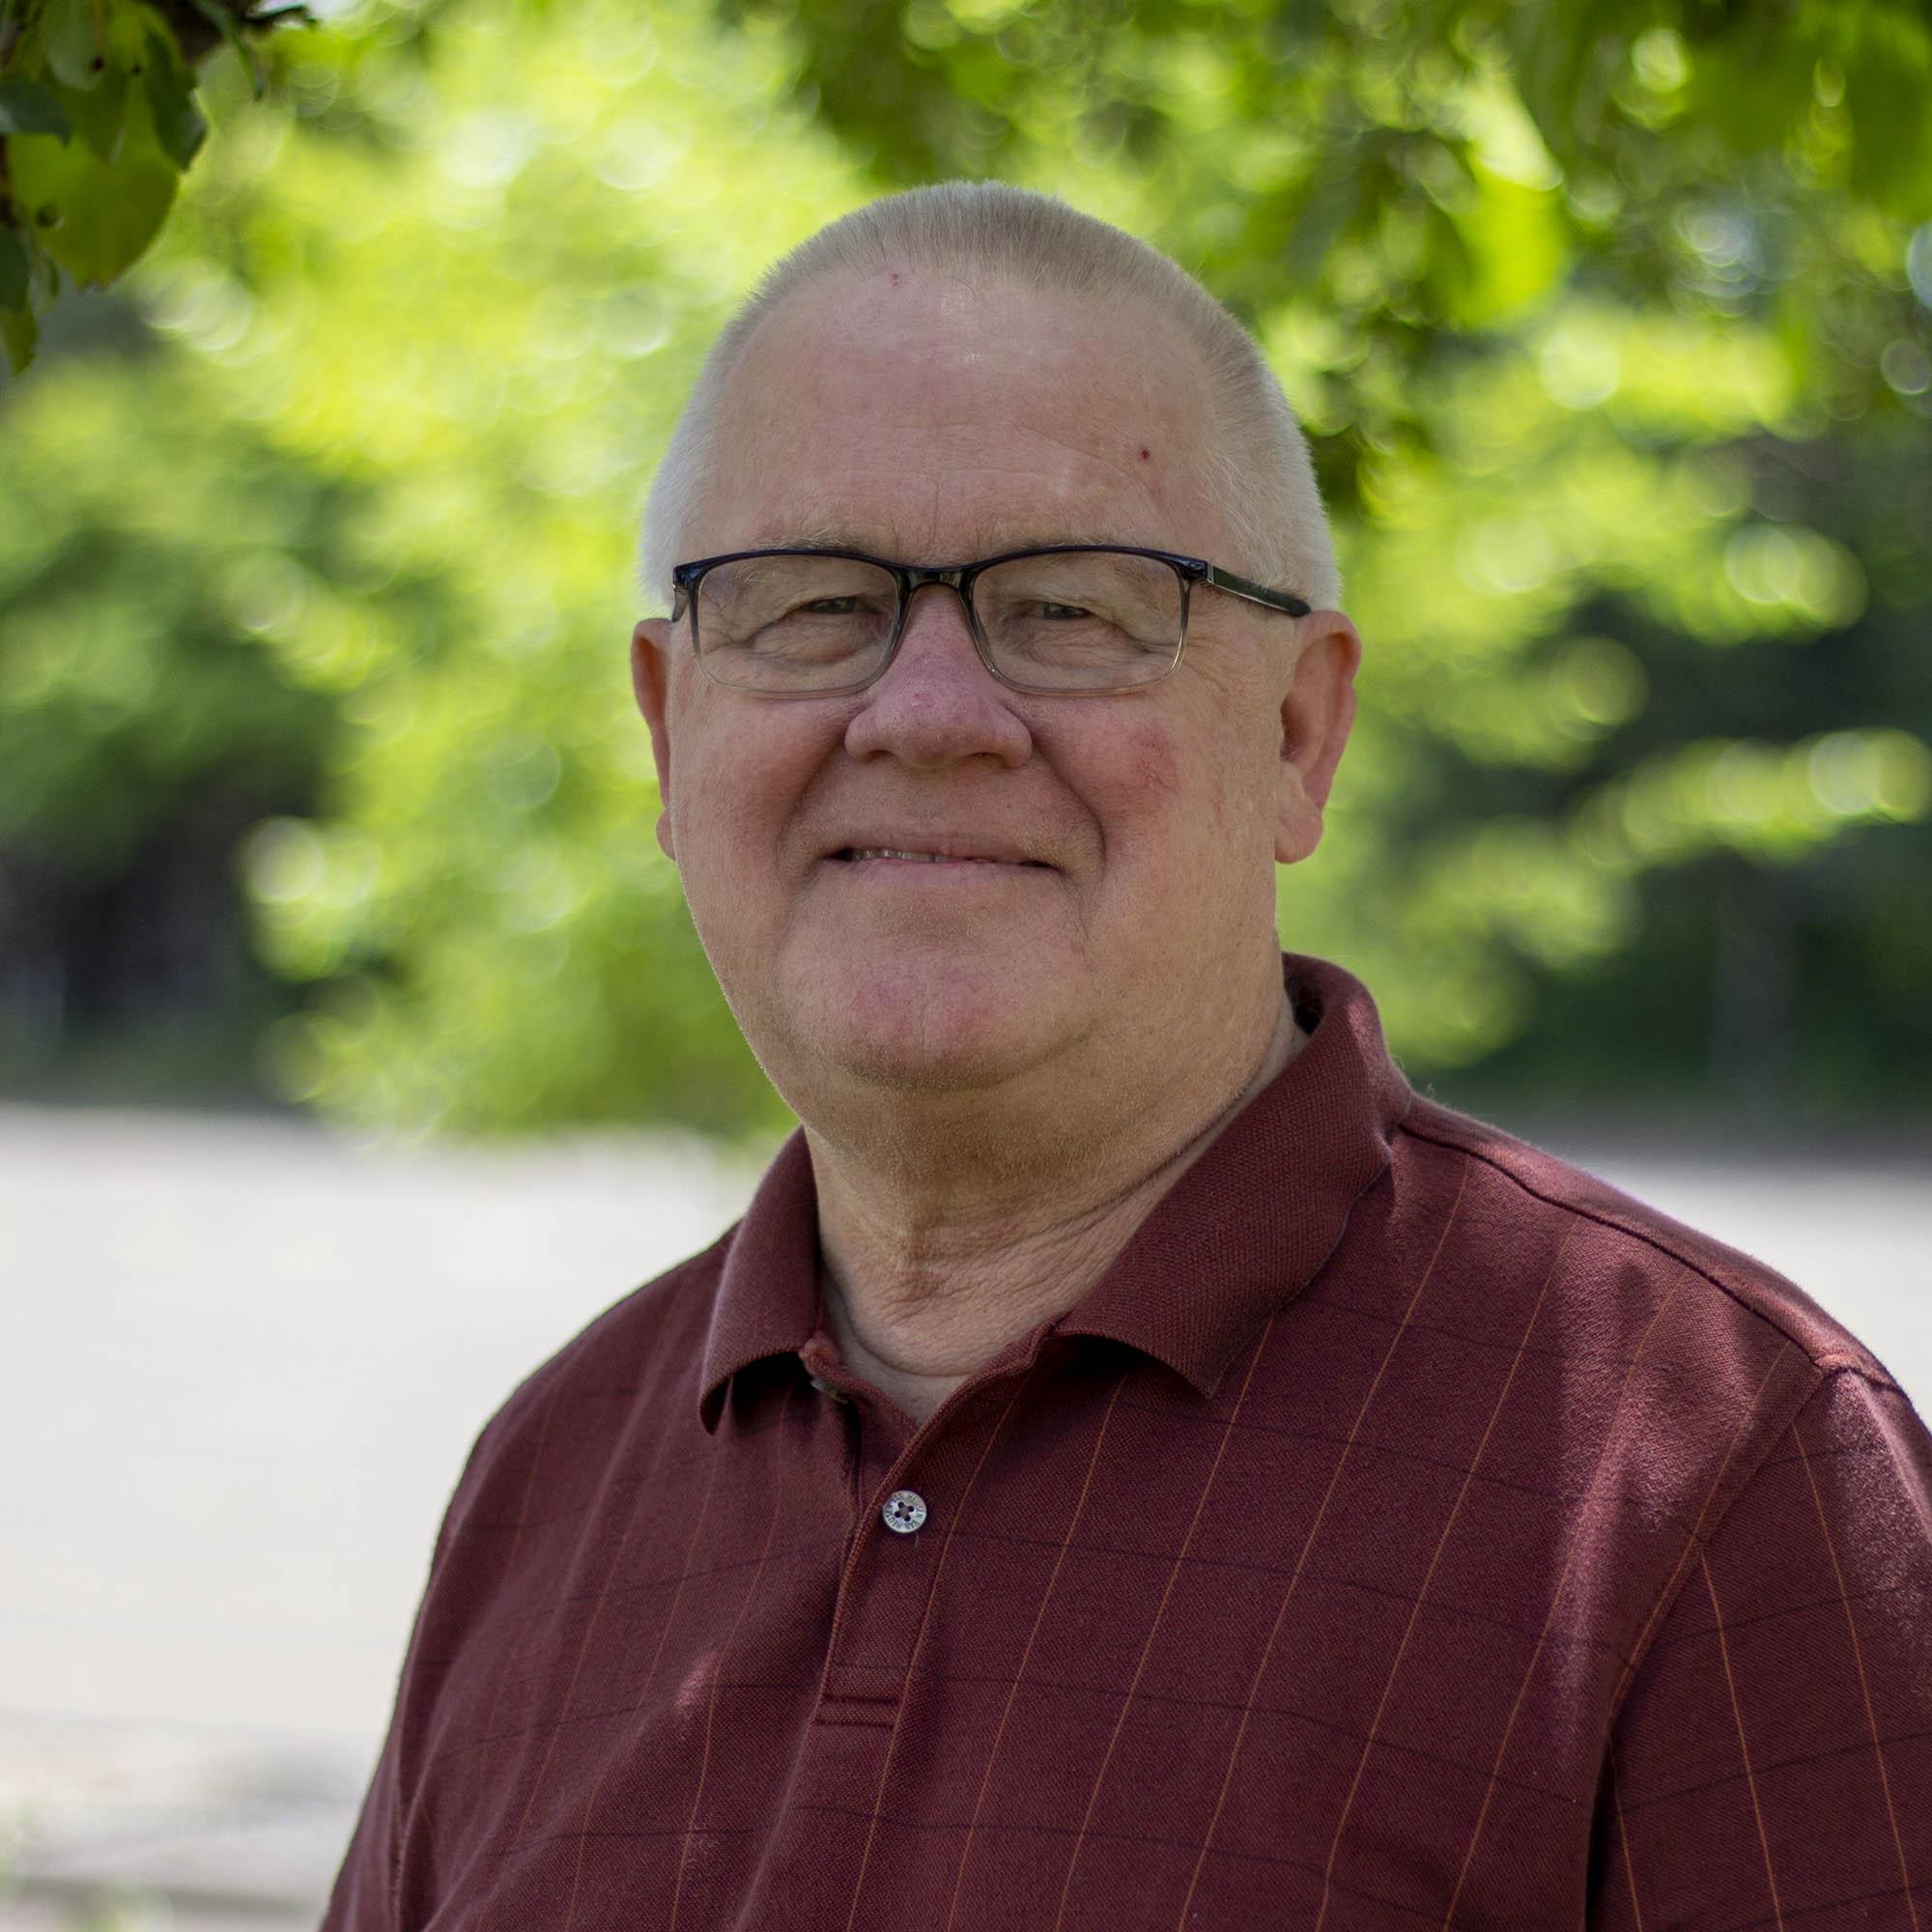 Dan Lundberg